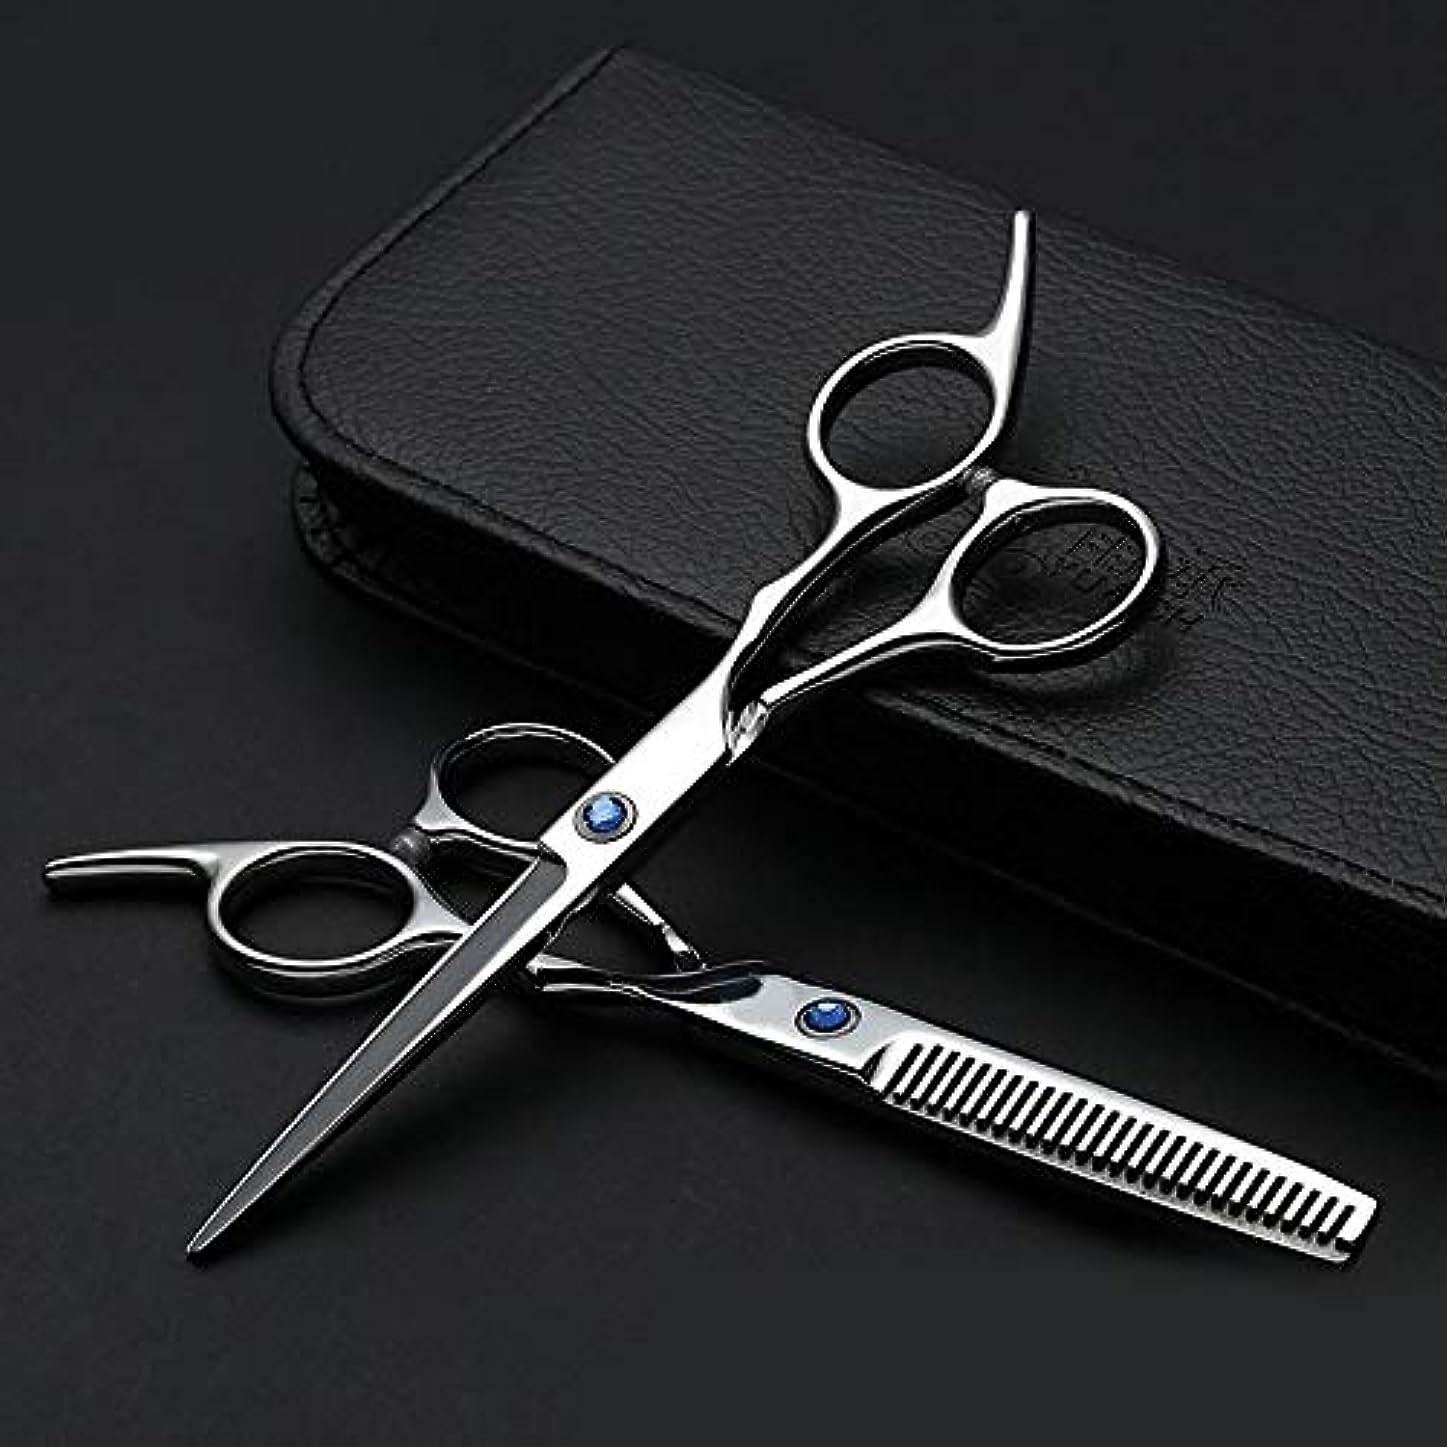 置くためにパック買い物に行く市区町村6インチプロフェッショナル理髪セット、フラット+歯はさみセット モデリングツール (色 : Blue diamond)